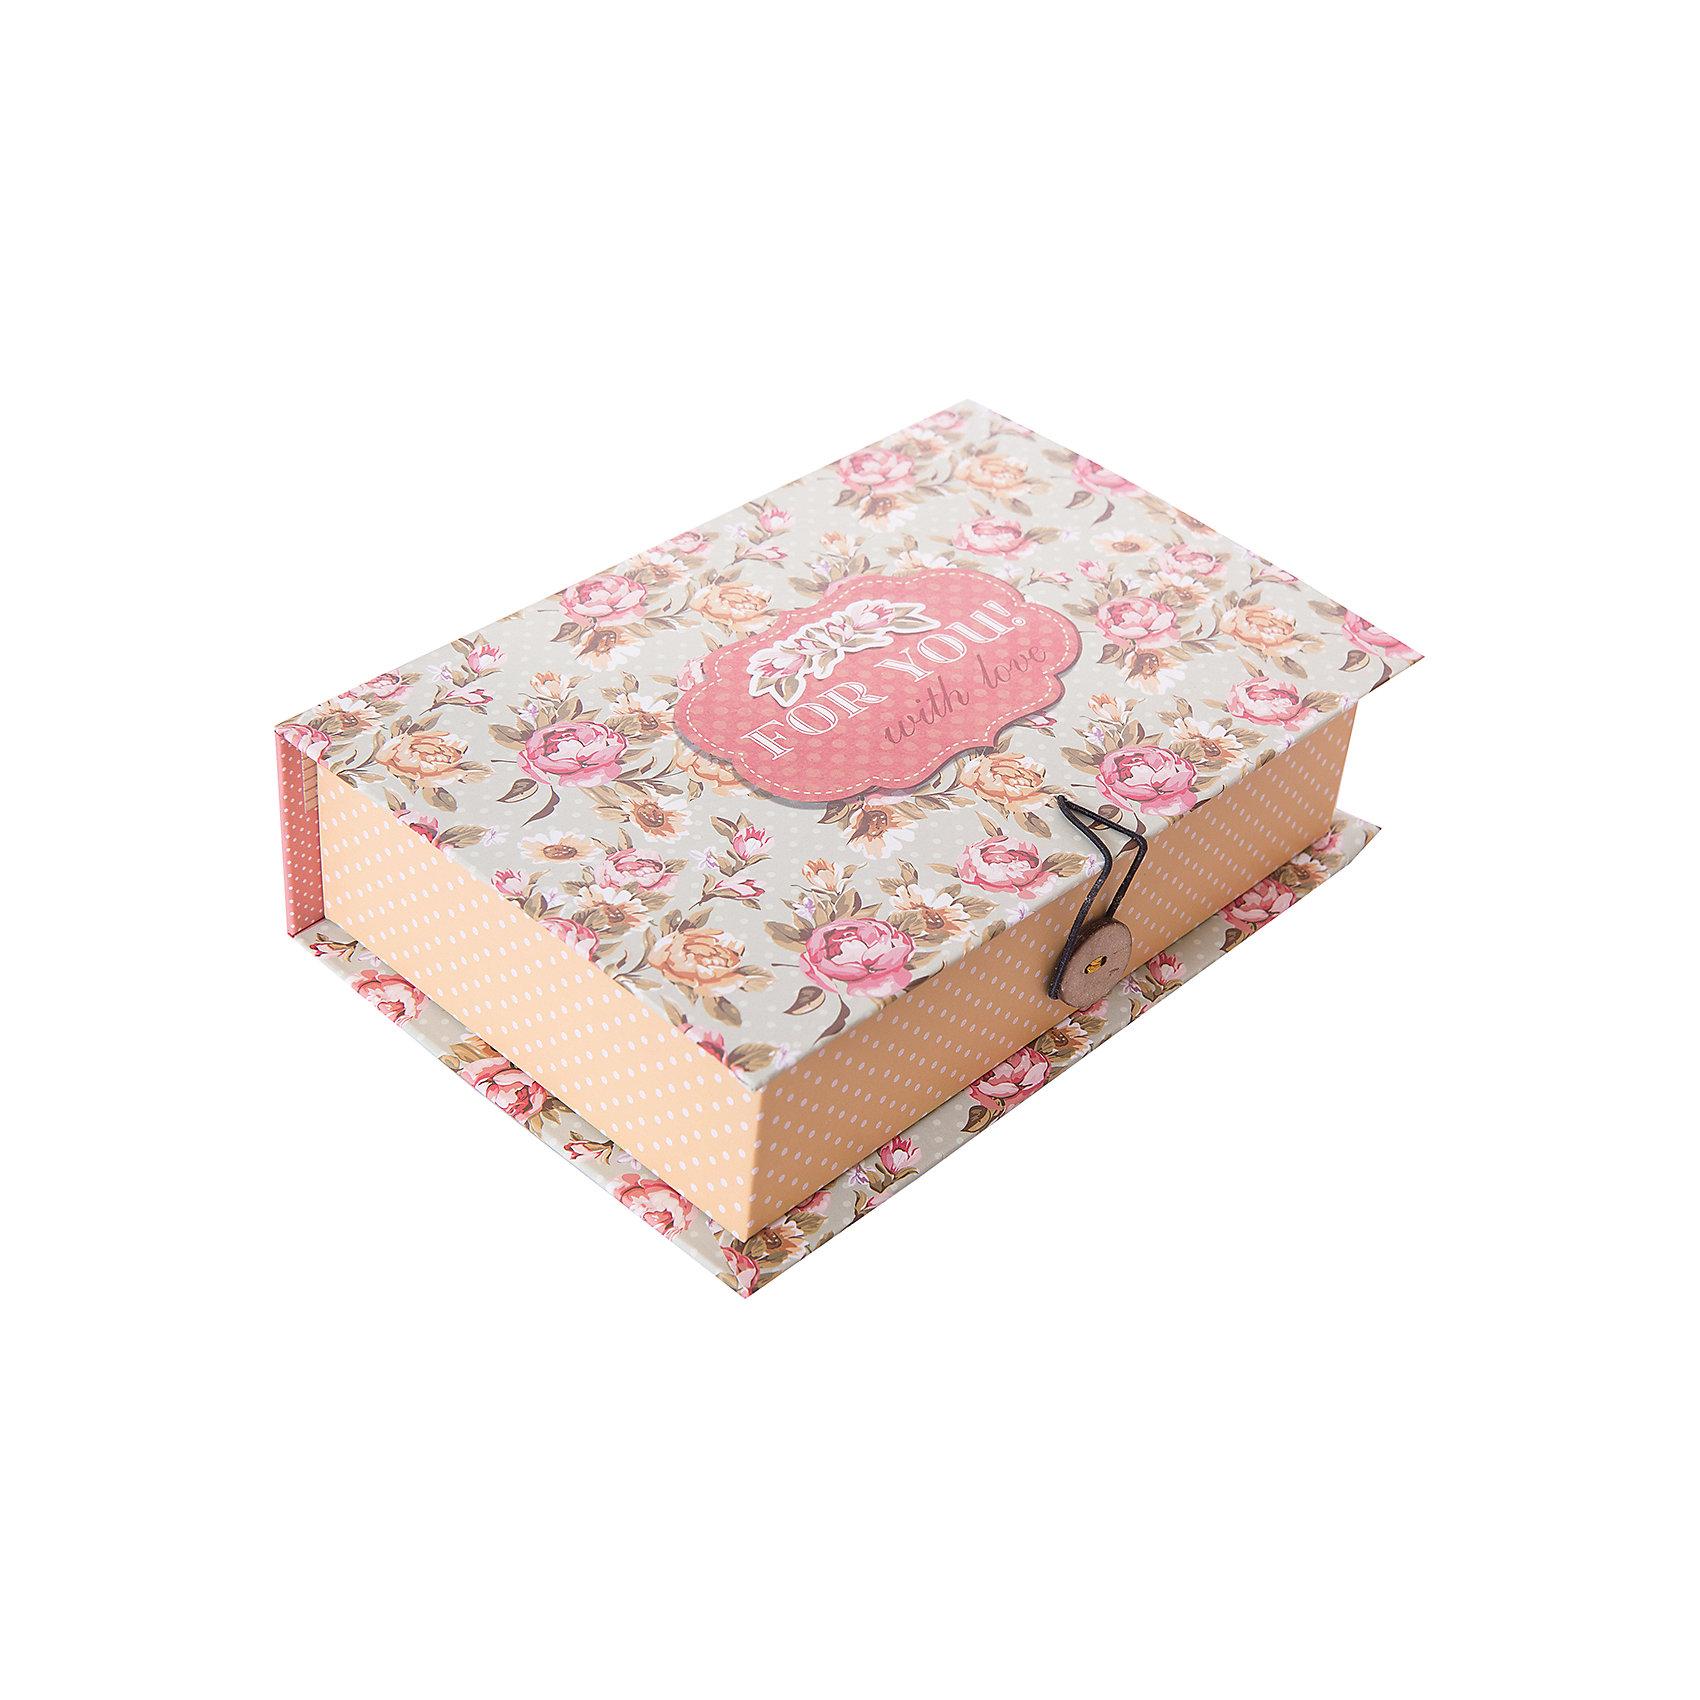 Коробка подарочная Прованс, Феникс-ПрезентПредметы интерьера<br>Коробка подарочная Прованс, Феникс-Презент<br><br>Характеристики:<br><br>• яркий дизайн<br>• застегивается на пуговицу<br>• рисунок с внутренней и наружной стороны<br>• изготовлена из мелованного, ламинированного негофрированного картона<br>• плотность: 1100 г/м2<br>• размер: 18х12х5 см<br><br>Красивая подарочная коробка - отличное дополнение к подарку. Подарочная коробка Прованс изготовлена из плотного ламинированного картона, декорированного цветочным узором и надписью For you with love. Застегивается на пуговицу. Подарочная коробка сделает подарок еще эффектнее!<br><br>Коробку подарочную Прованс, Феникс-Презент вы можете купить в нашем интернет-магазине.<br><br>Ширина мм: 180<br>Глубина мм: 120<br>Высота мм: 50<br>Вес г: 113<br>Возраст от месяцев: 36<br>Возраст до месяцев: 2147483647<br>Пол: Унисекс<br>Возраст: Детский<br>SKU: 5449634